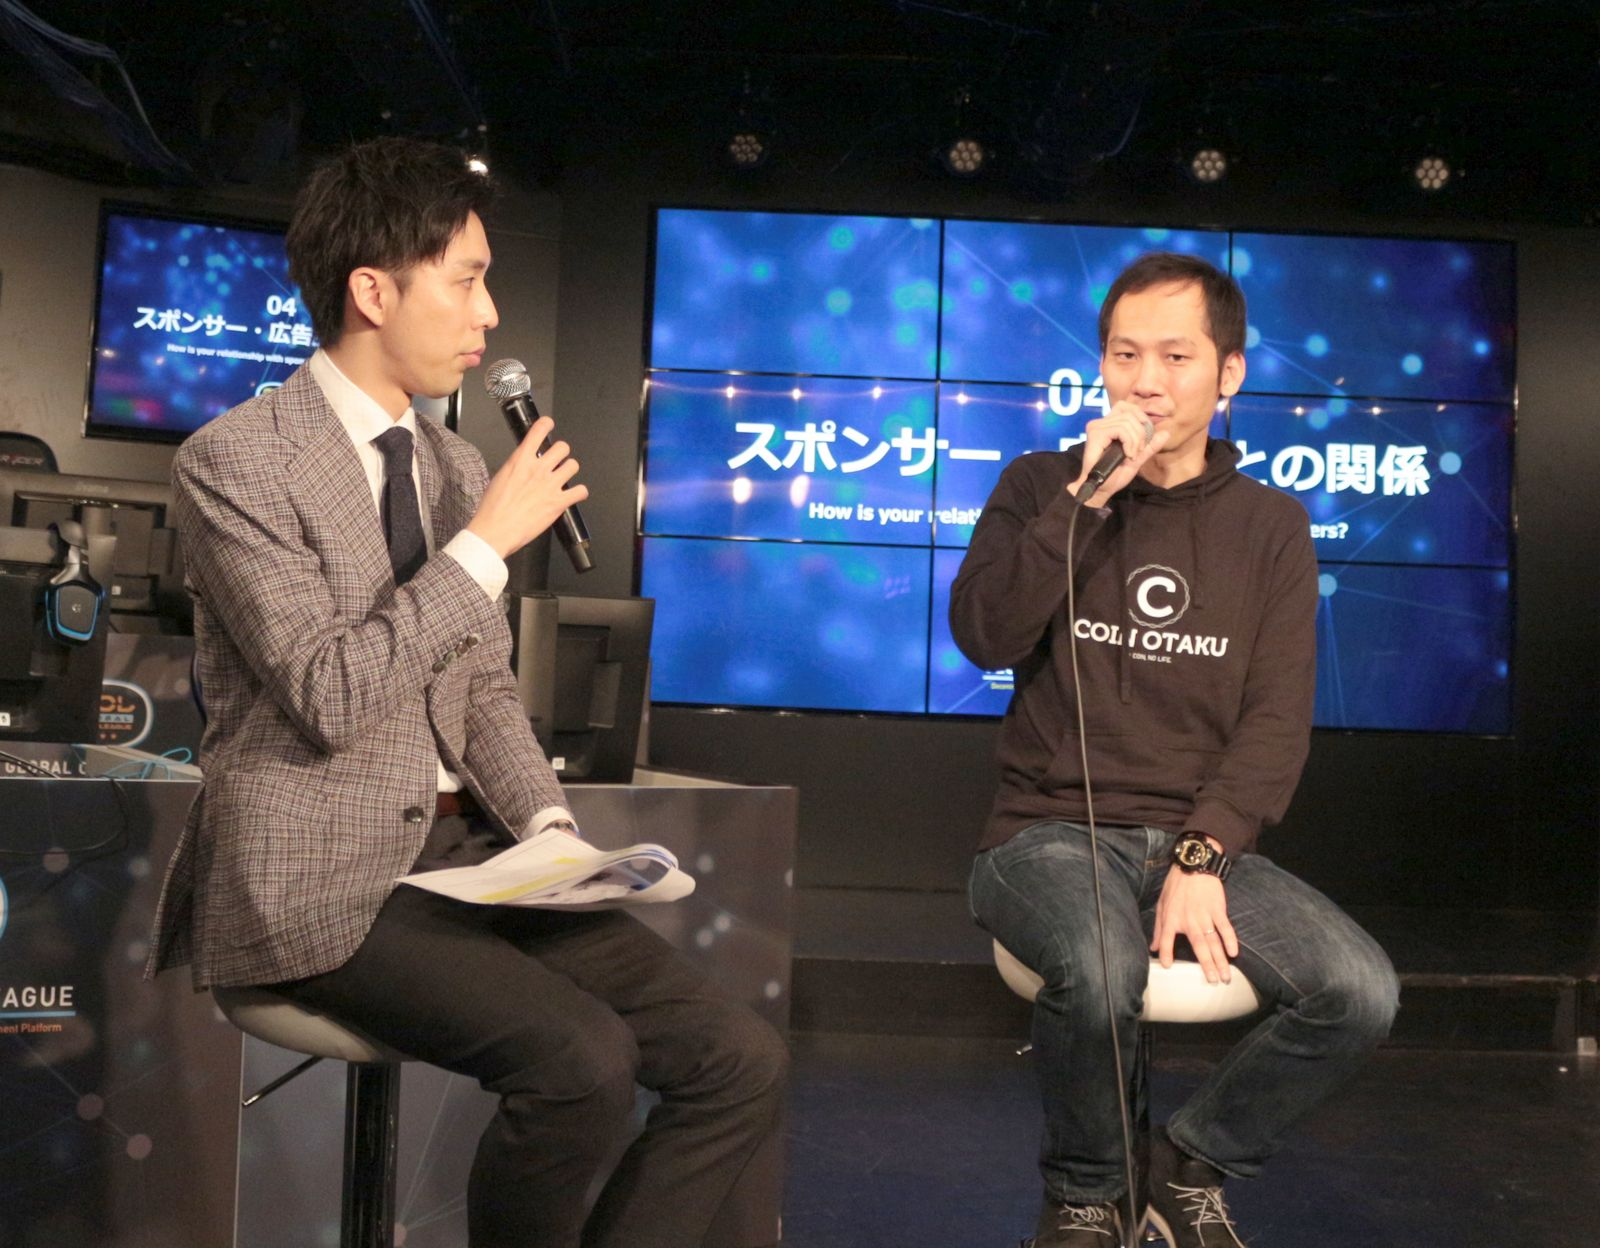 仮想通貨で賞金が稼げるe Sports大会プラットフォーム「GOL」が始動!